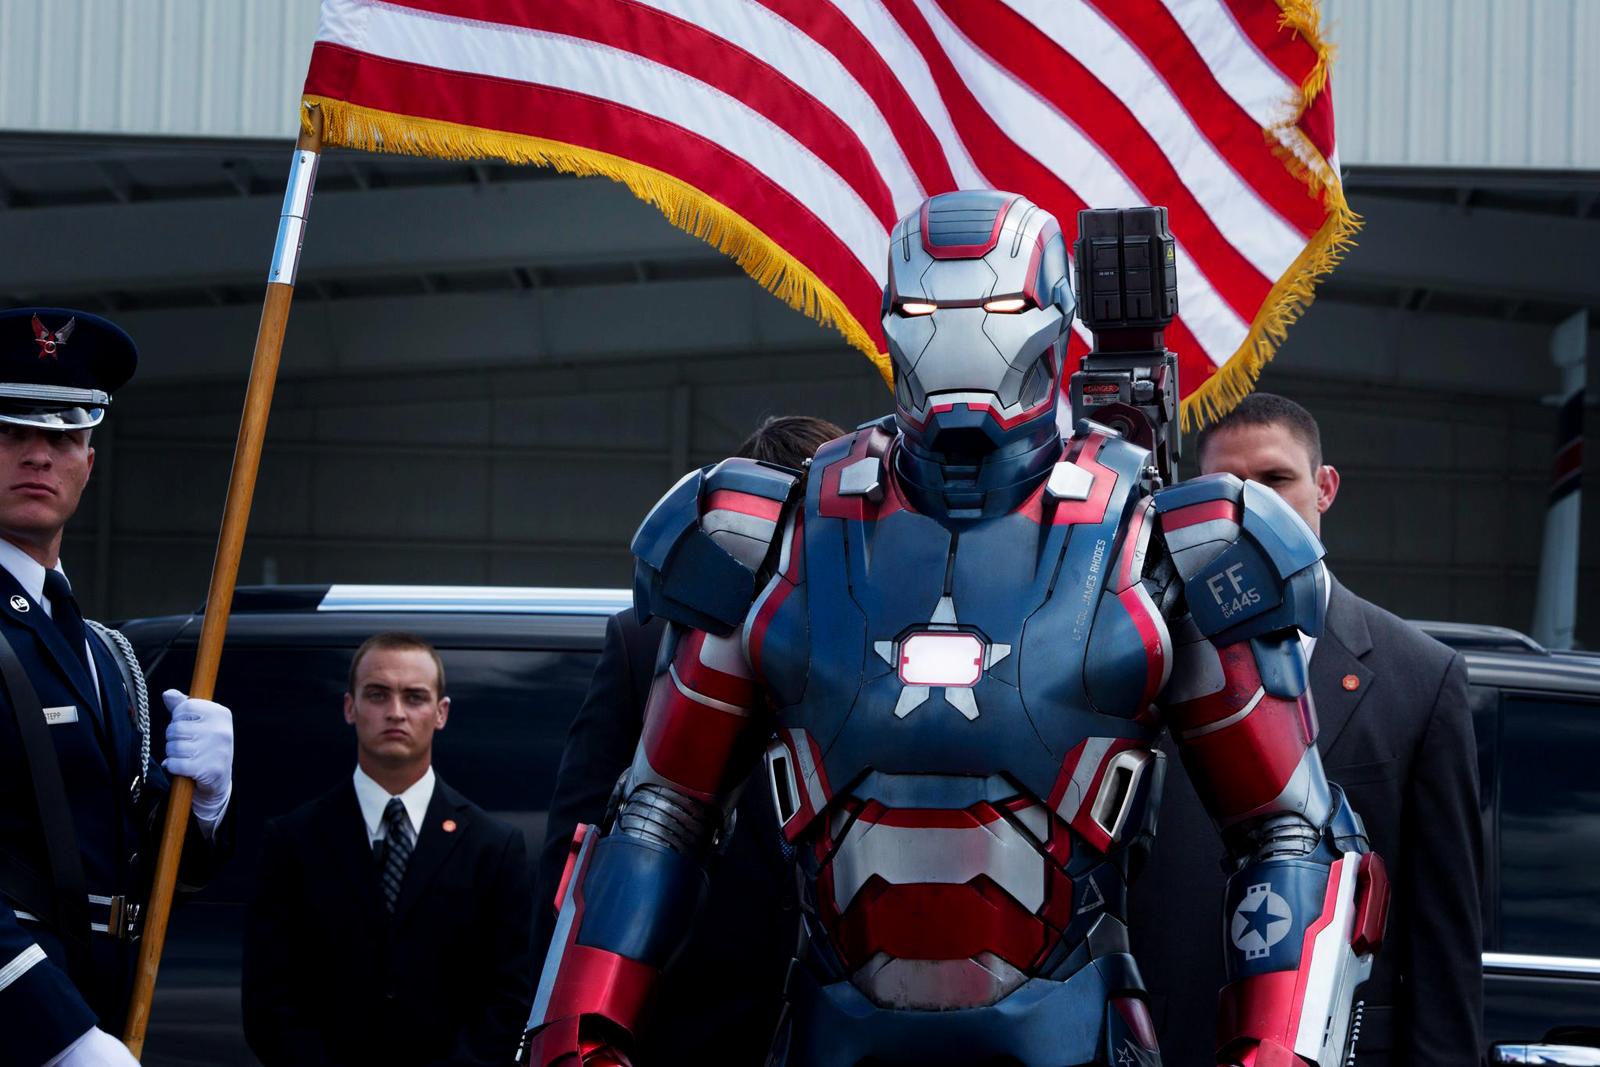 http://2.bp.blogspot.com/-w9XJUAicN-Y/UXXqMD56v9I/AAAAAAAABuU/YKv7n65tga8/s1600/Iron-Man-3-2013-New-Movie-HD-Wallpaper.jpg